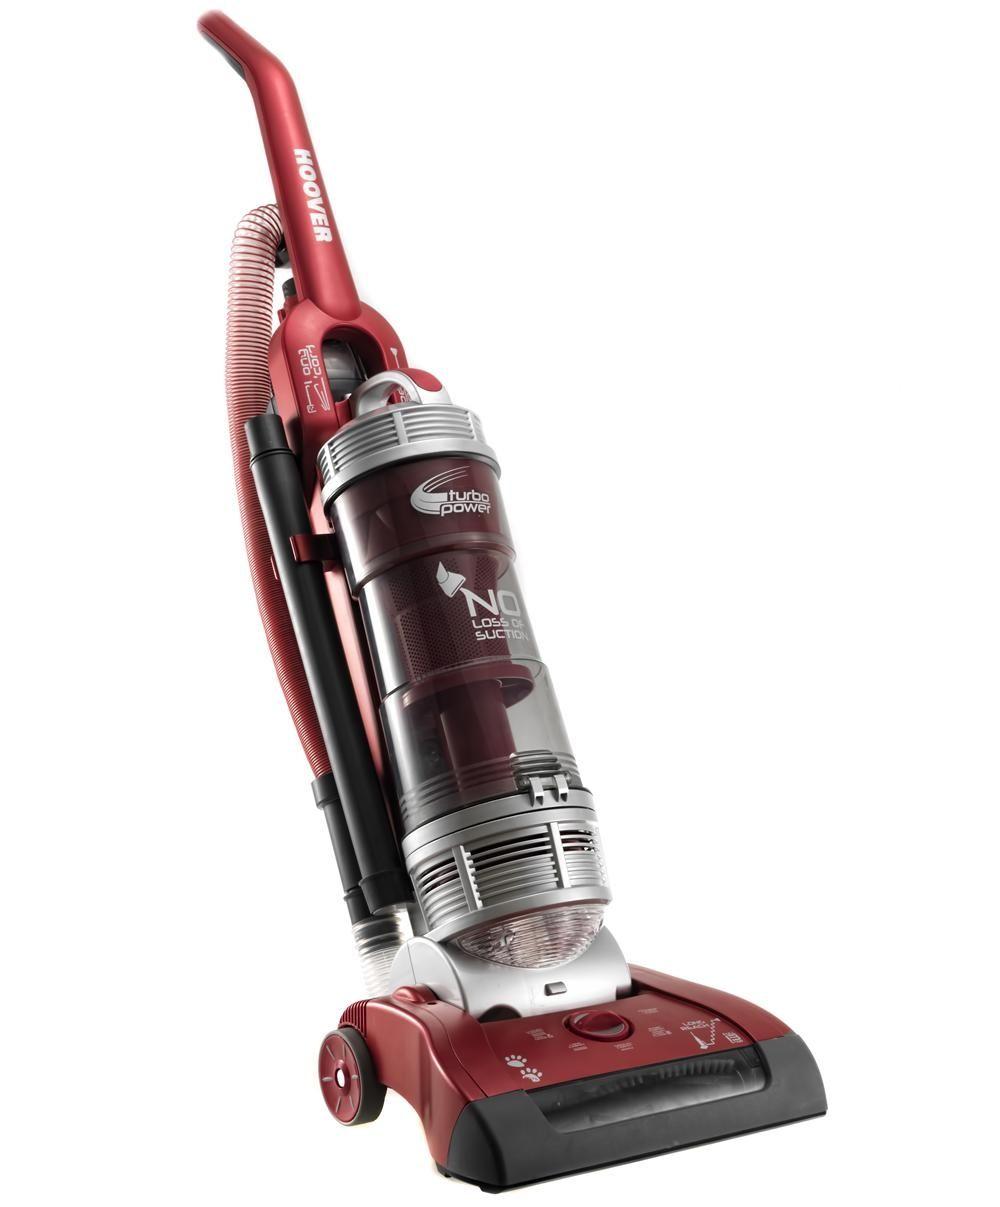 Vacuum Cleaner Repairs In Colney Hatchvacuum Cleaner Repairs